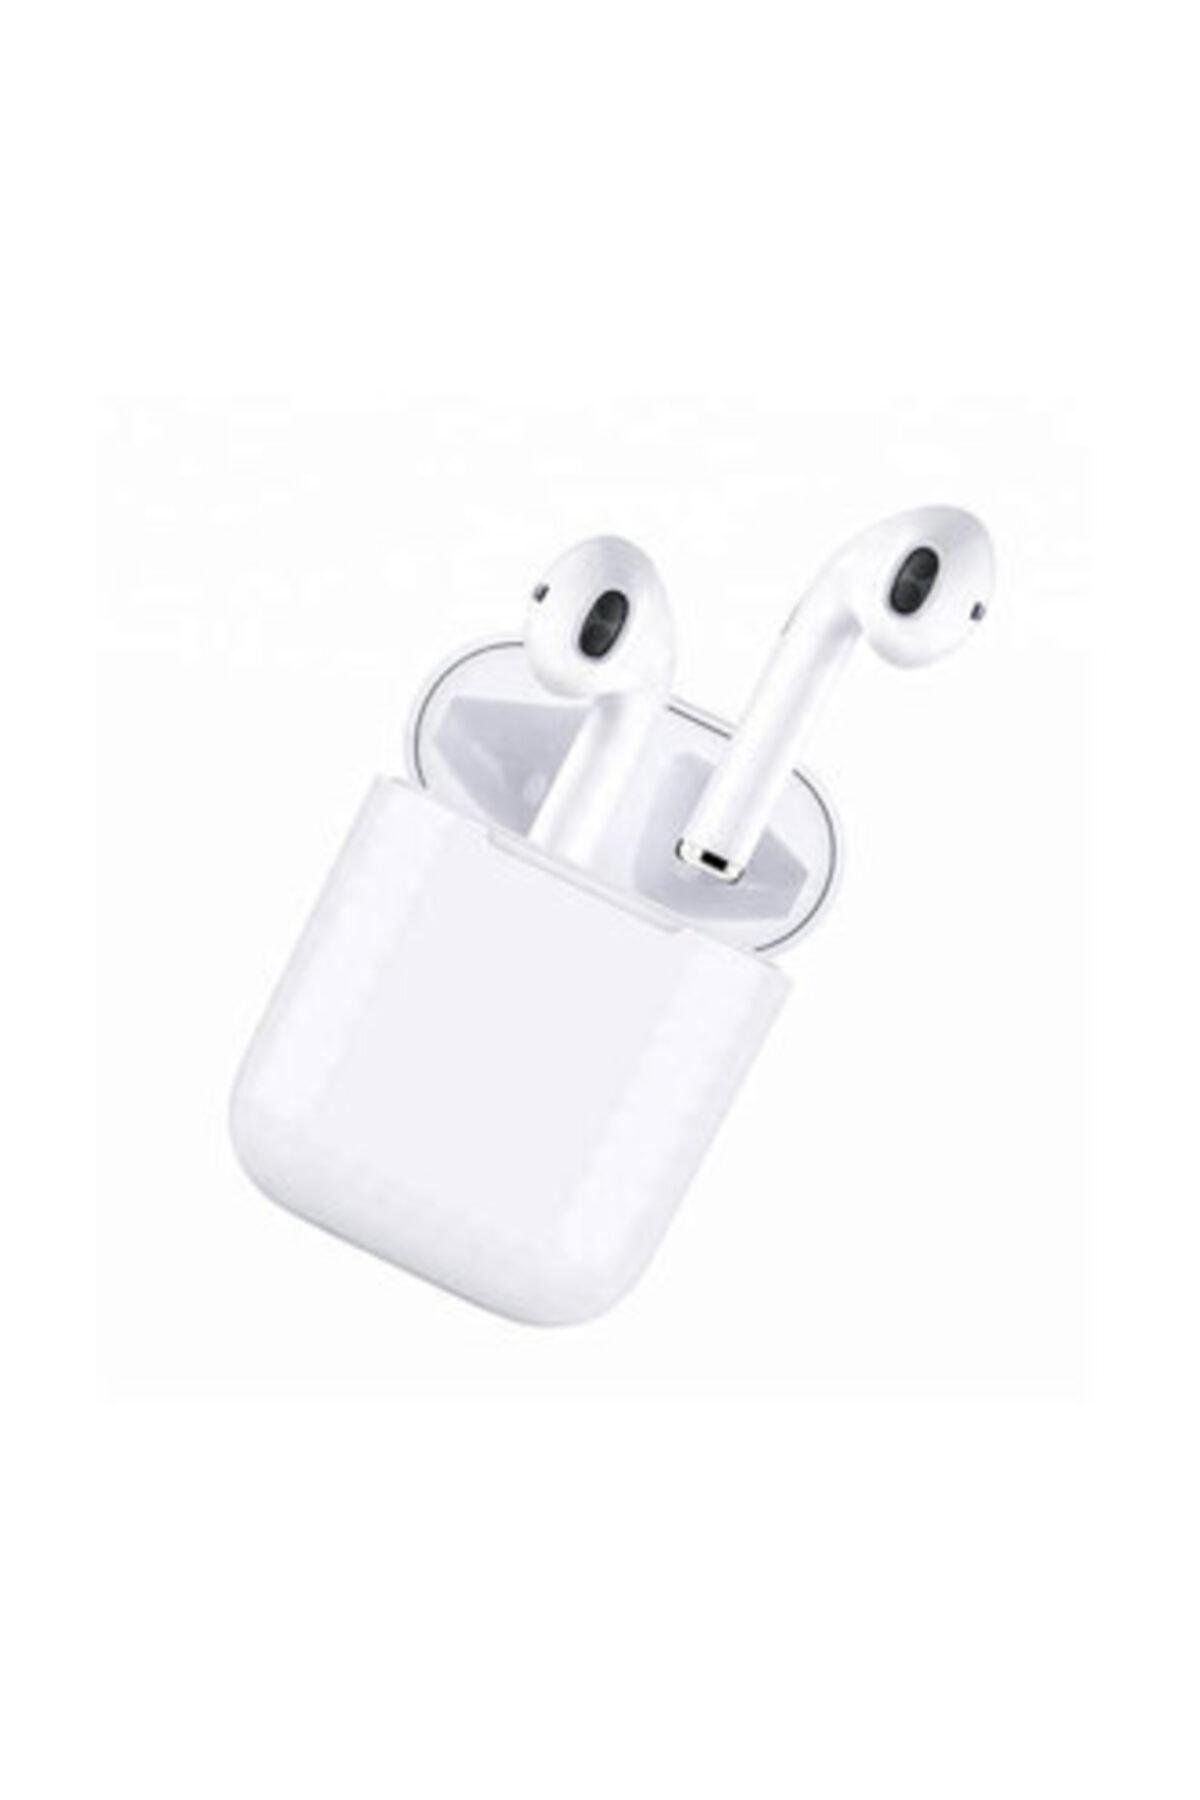 Piranha 9945 Bt Kablosuz Kulakiçi Bluetooth Kulaklık Fiyatı, Yorumları -  TRENDYOL